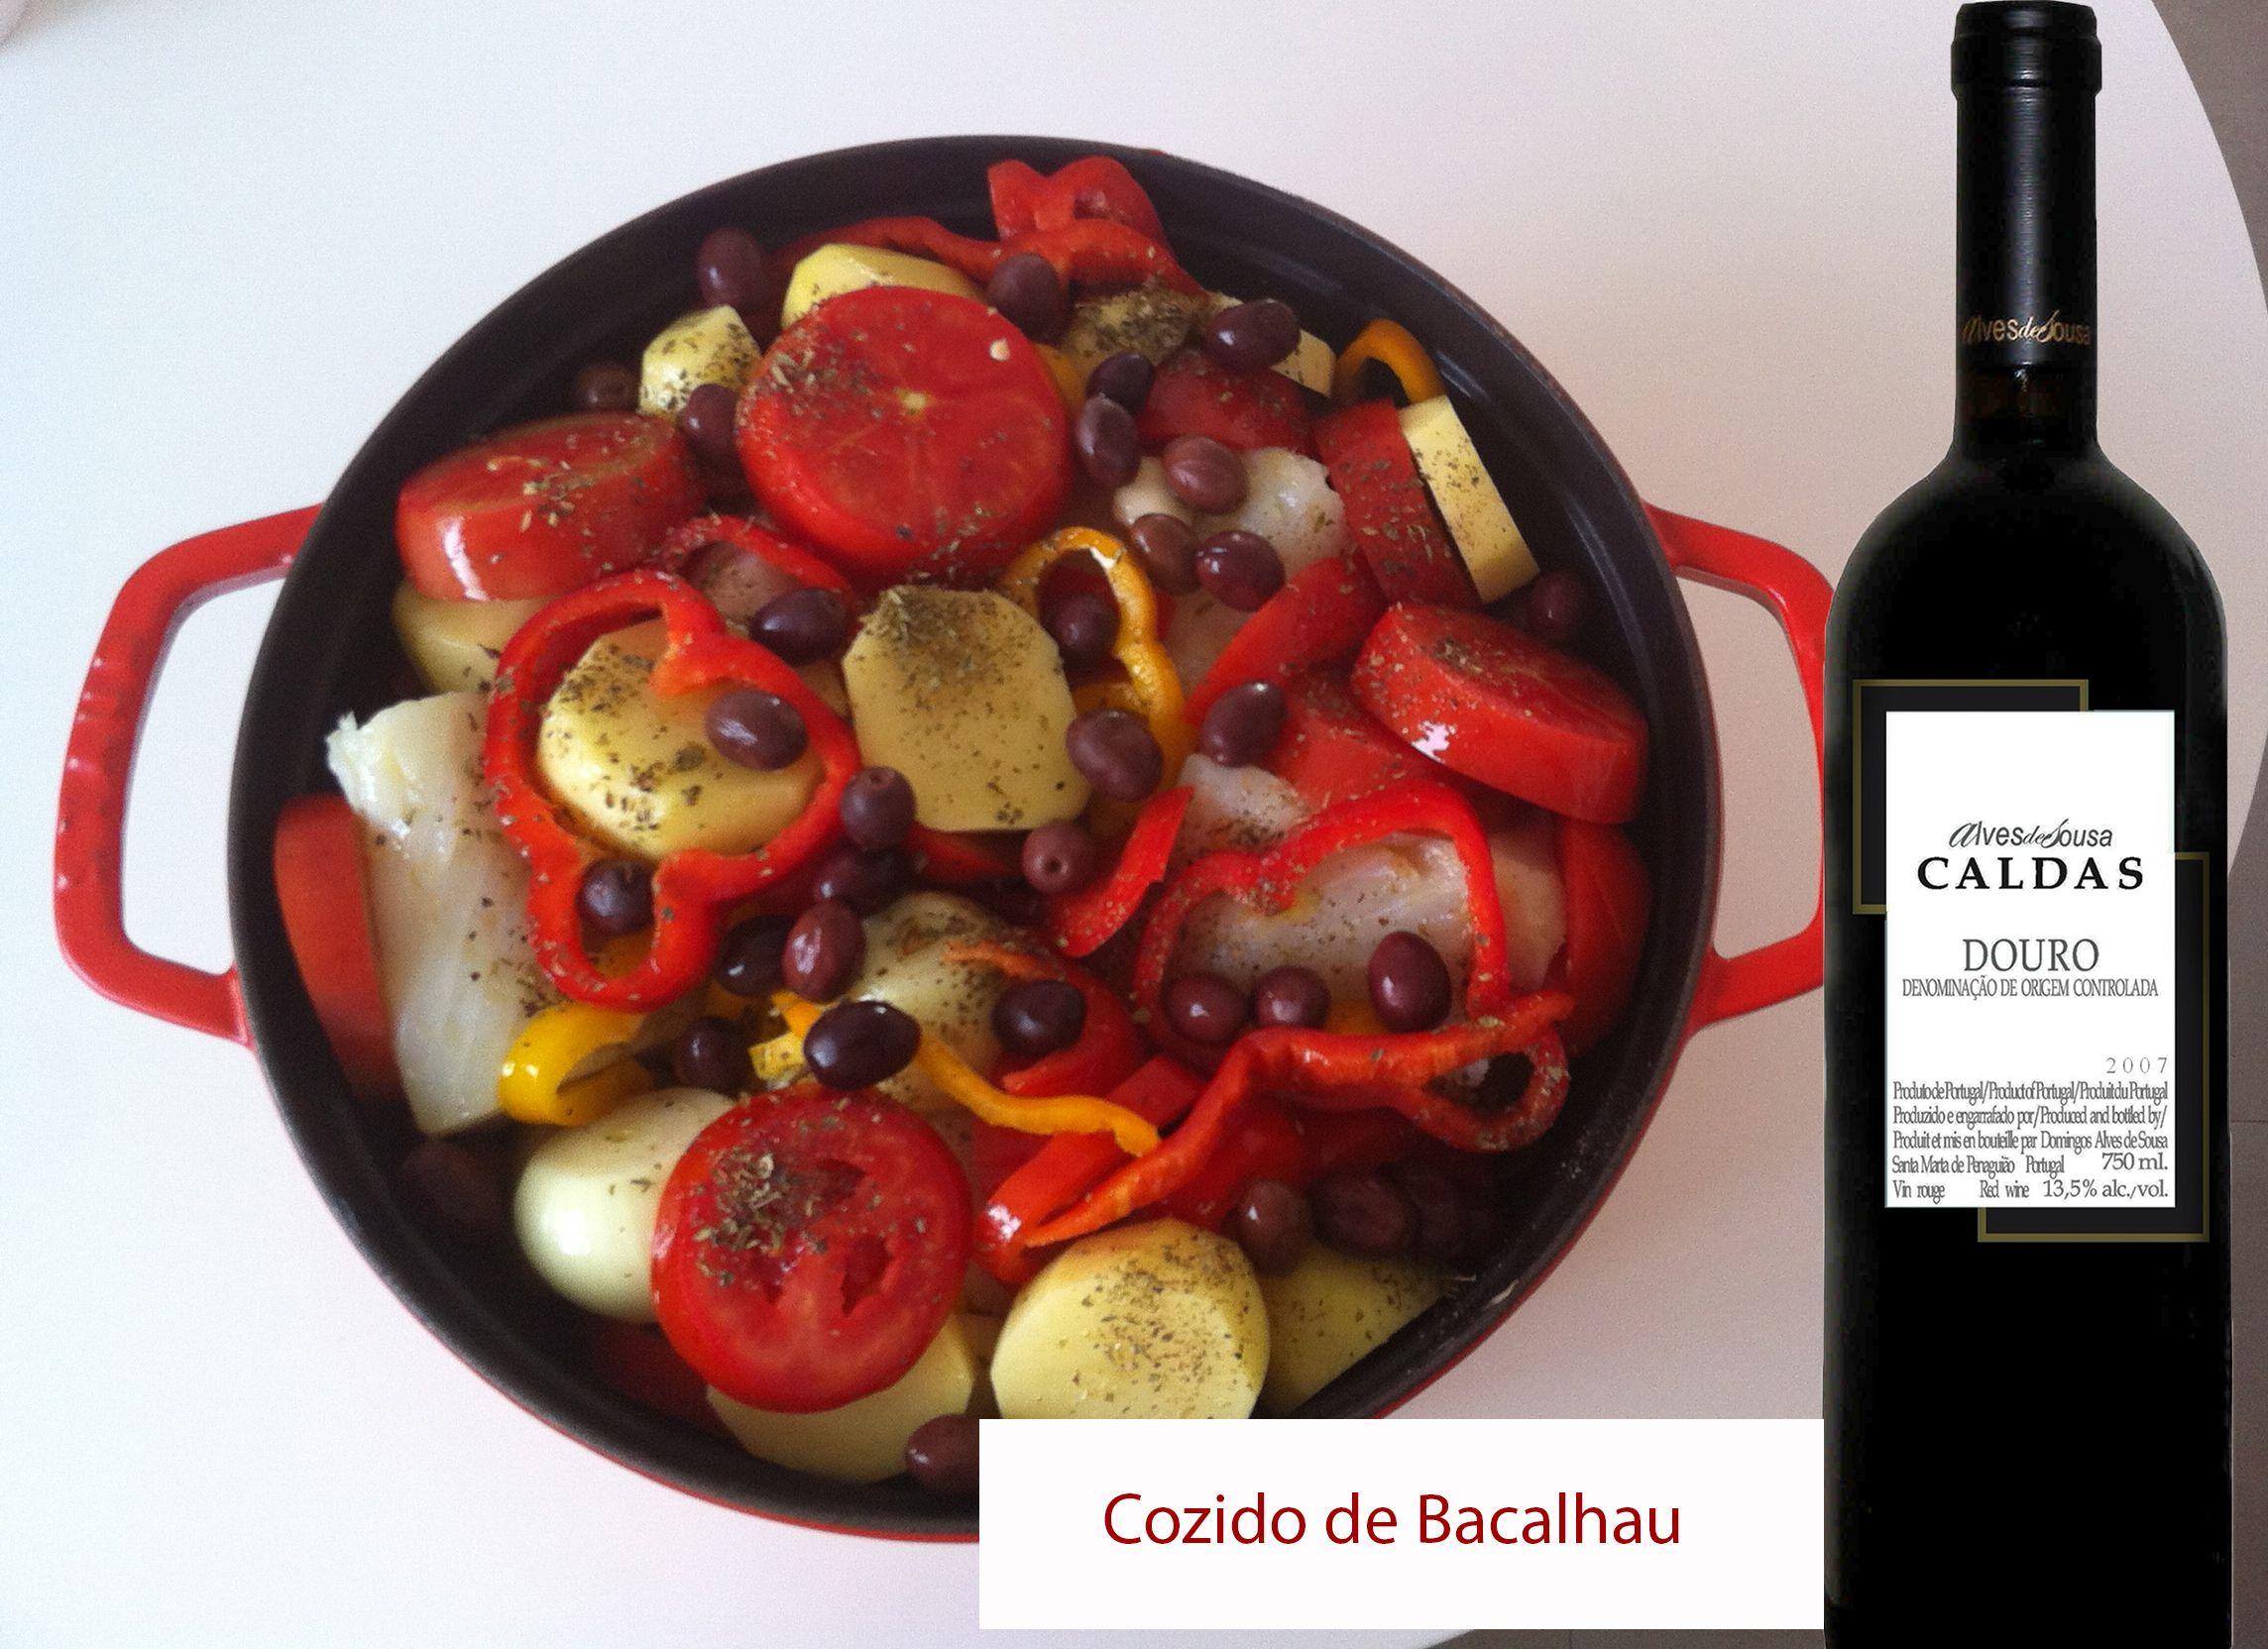 Harmonização: Cozido de Bacalhau e vinho Caldas Douro Reserva, de Portugal. Você encontra esse vinho na Decanter, clique e veja.